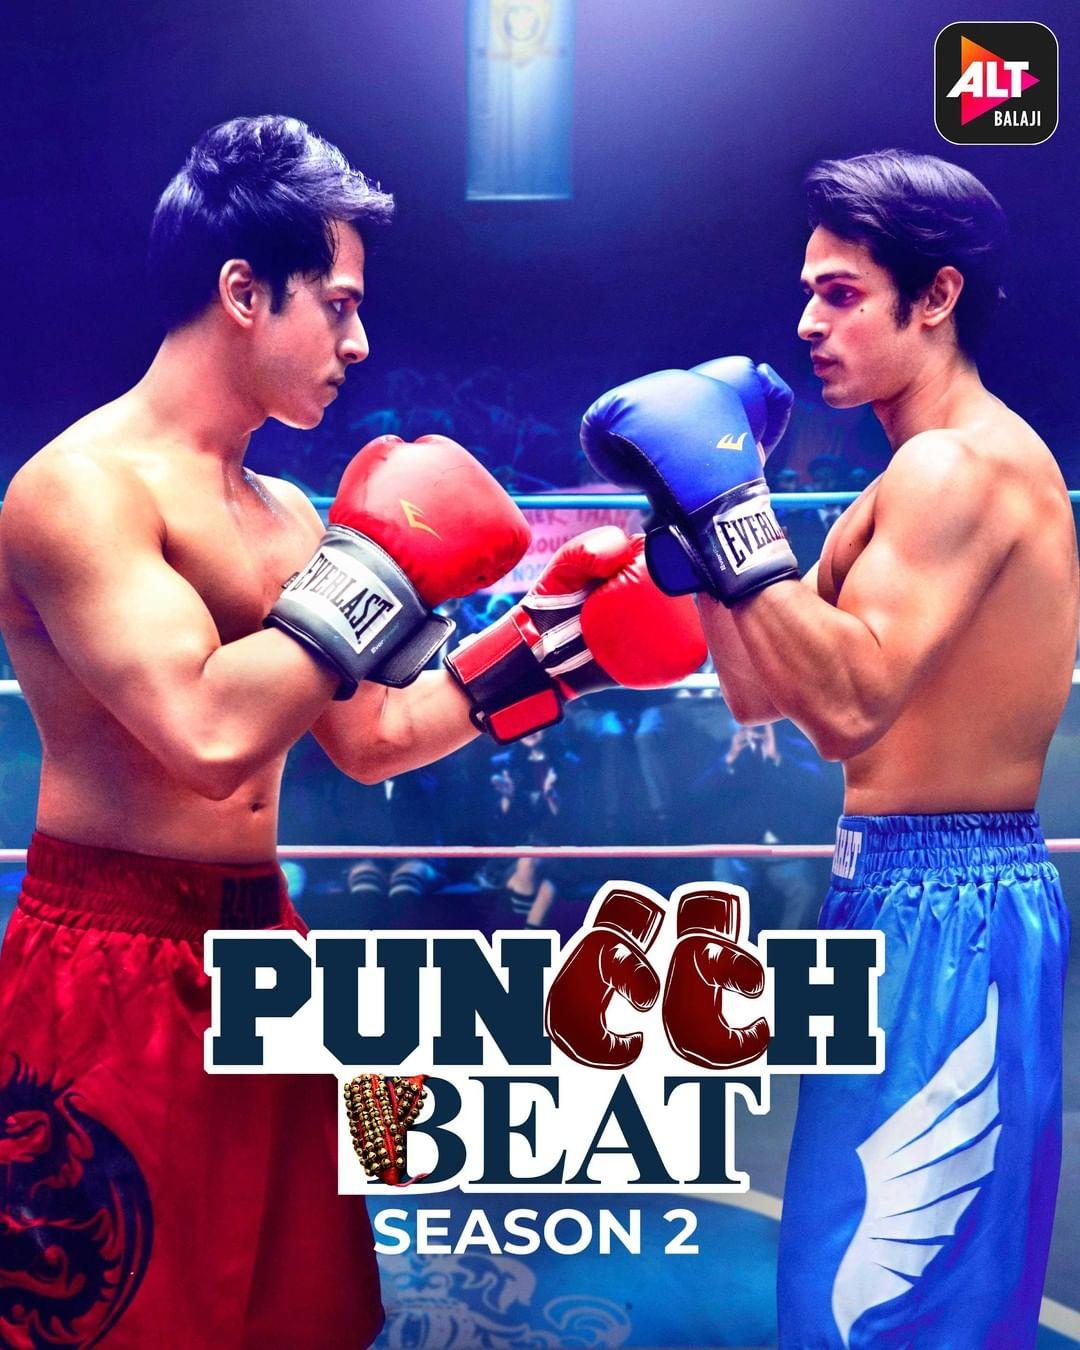 В ритме сердца 2 / Puncch beat 2